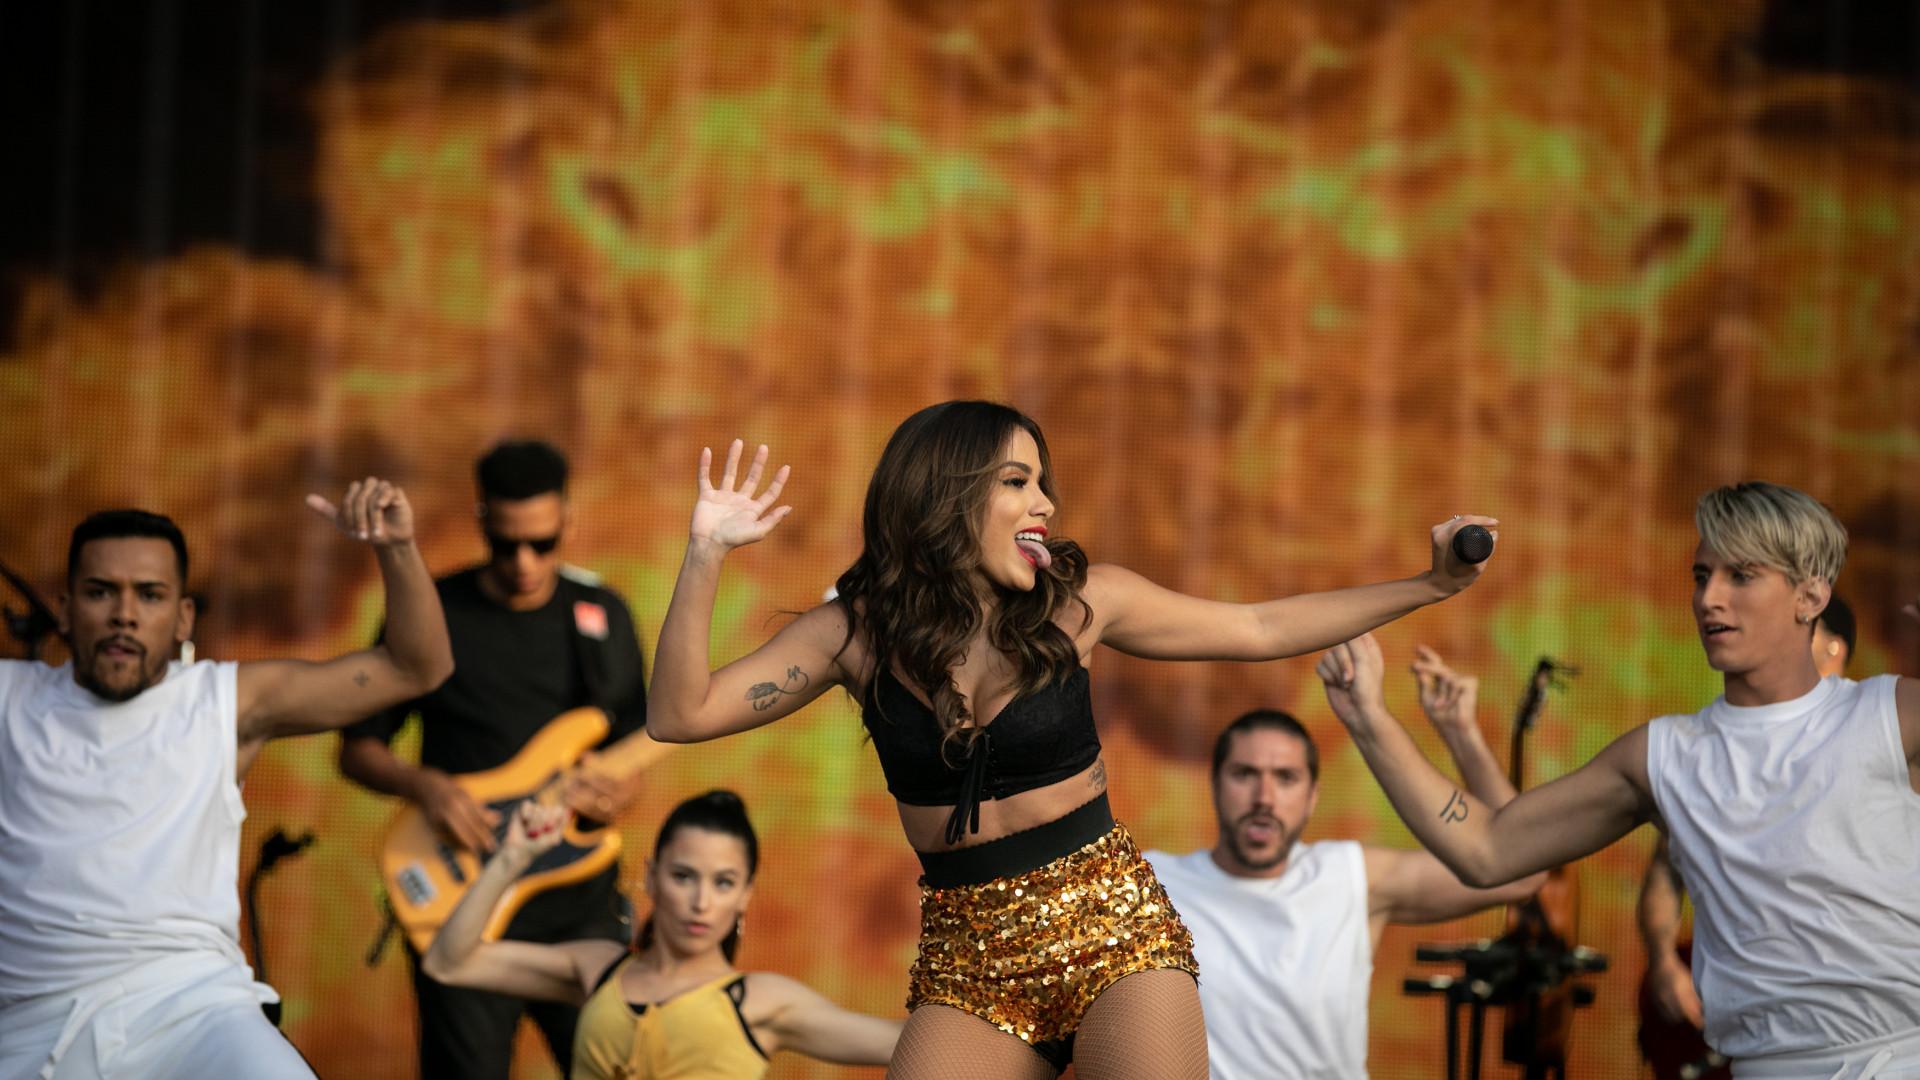 ANITTA DOWNLOAD DE MUSICA GRATIS SHOW GRATUITO DAS PODEROSAS